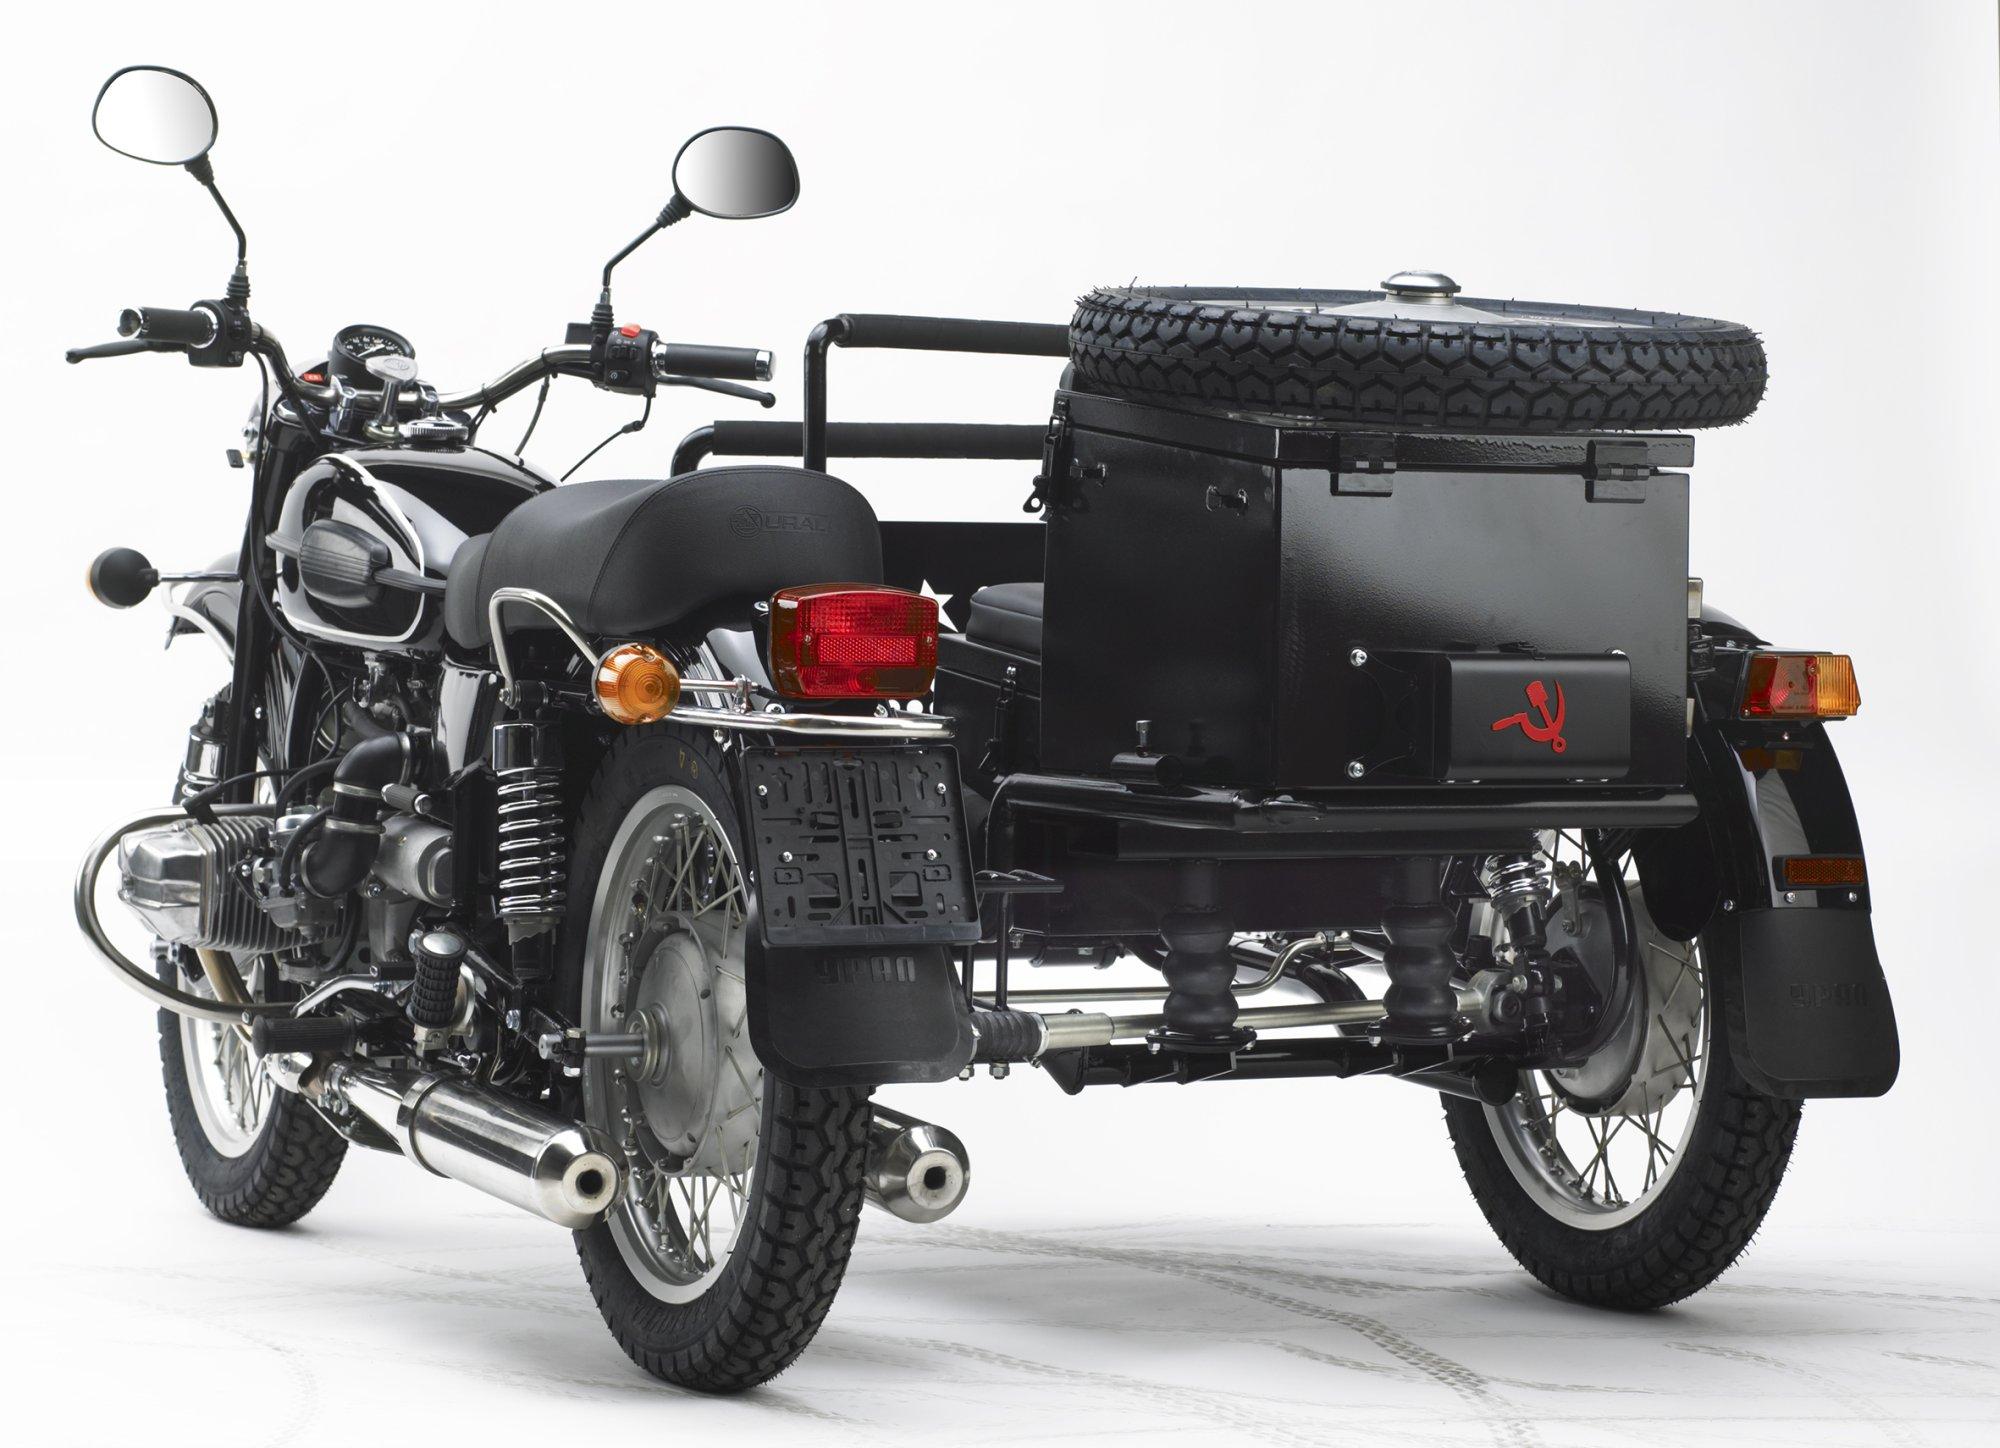 gebrauchte und neue ural cross motorr der kaufen. Black Bedroom Furniture Sets. Home Design Ideas